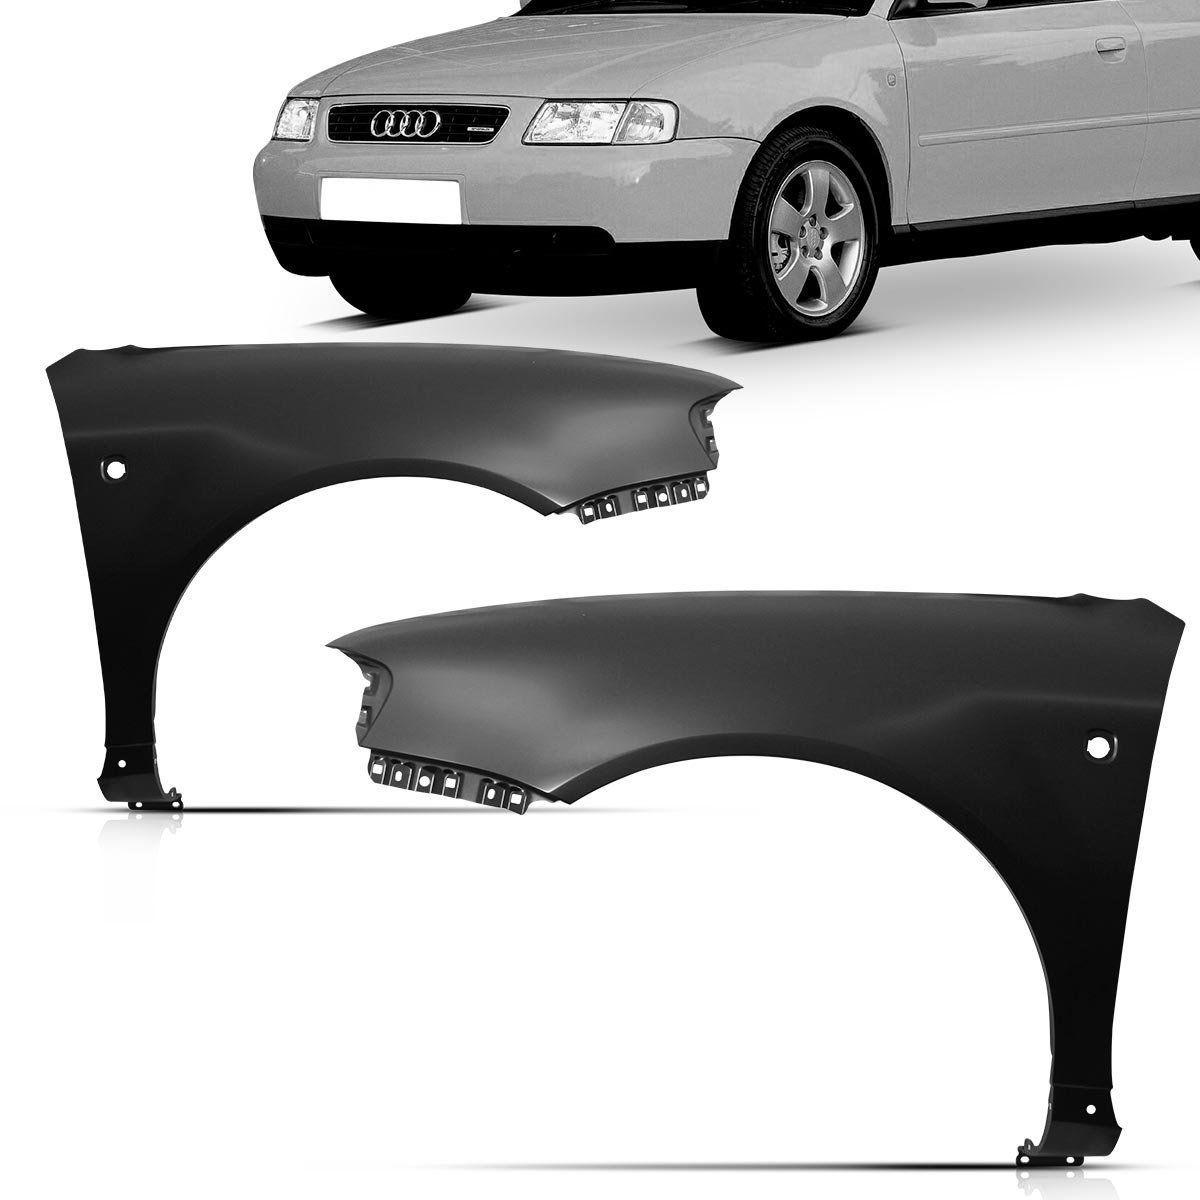 Paralama Dianteiro Audi A3 1996 1997 1998 1999 2000 Com Furo Lado Direito Passageiro